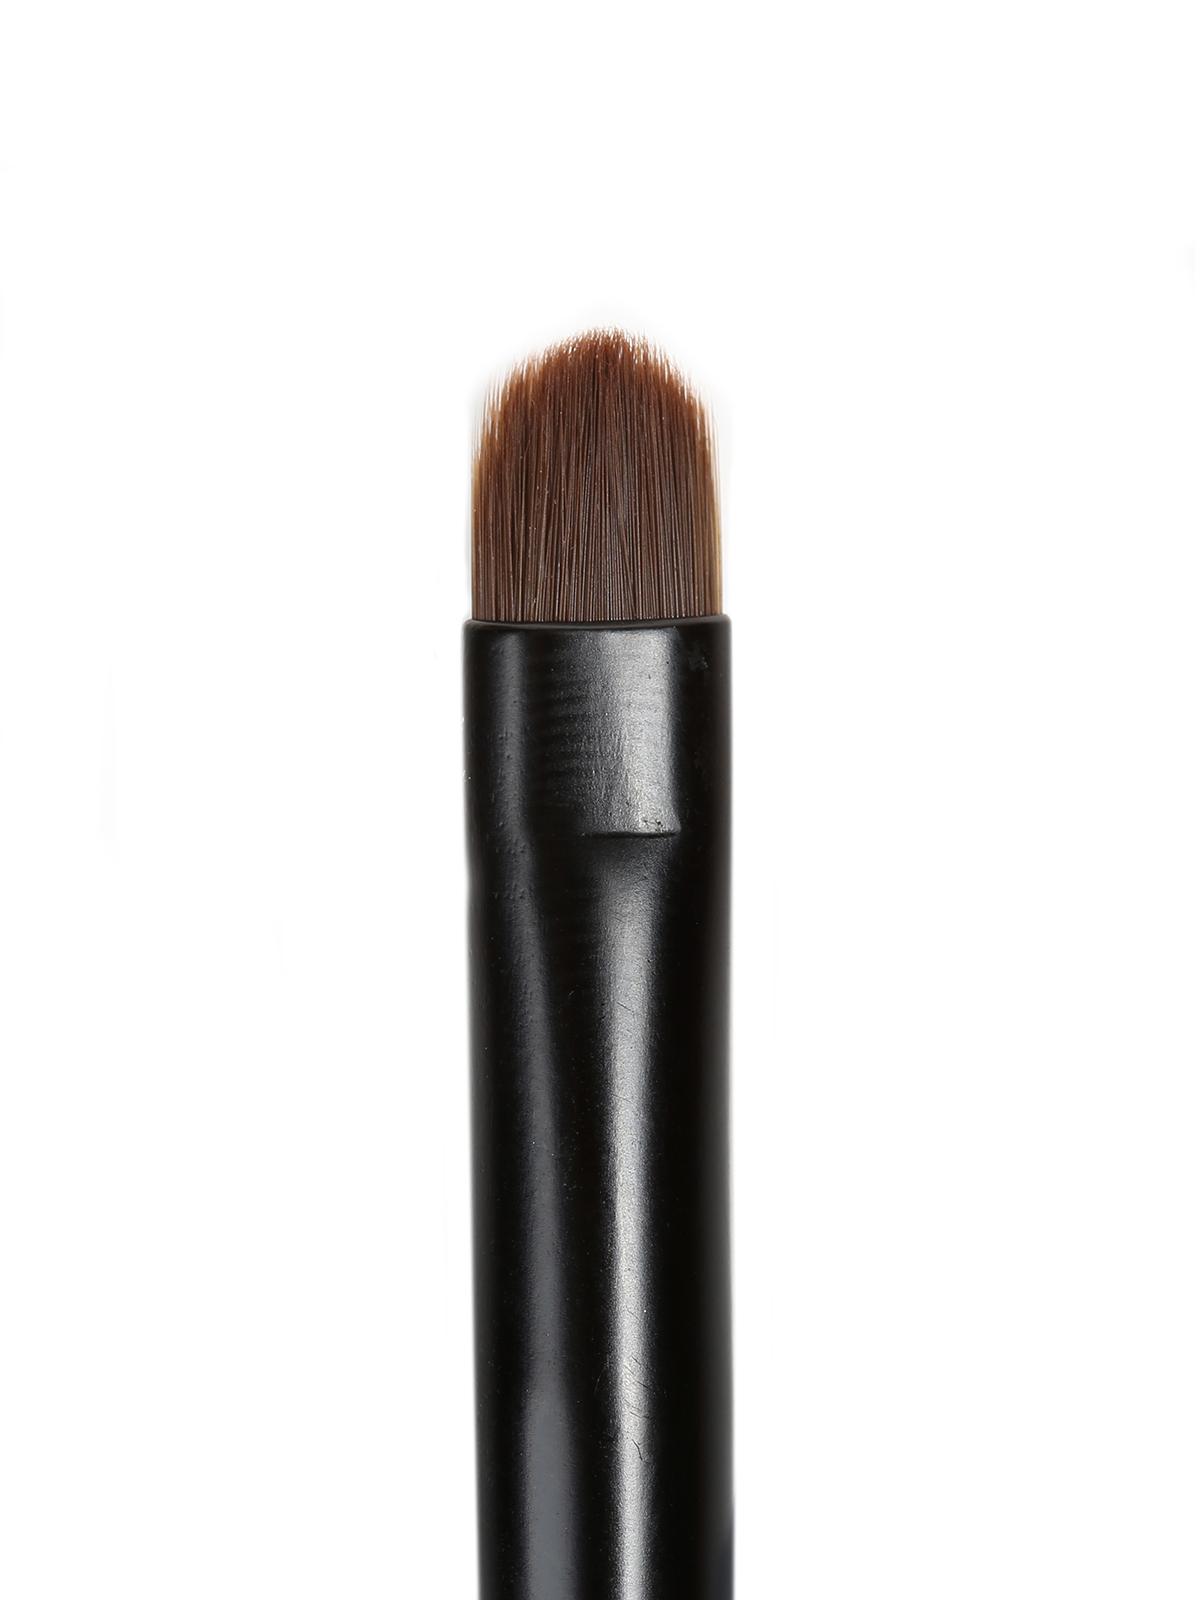 Lipstick Brush #100